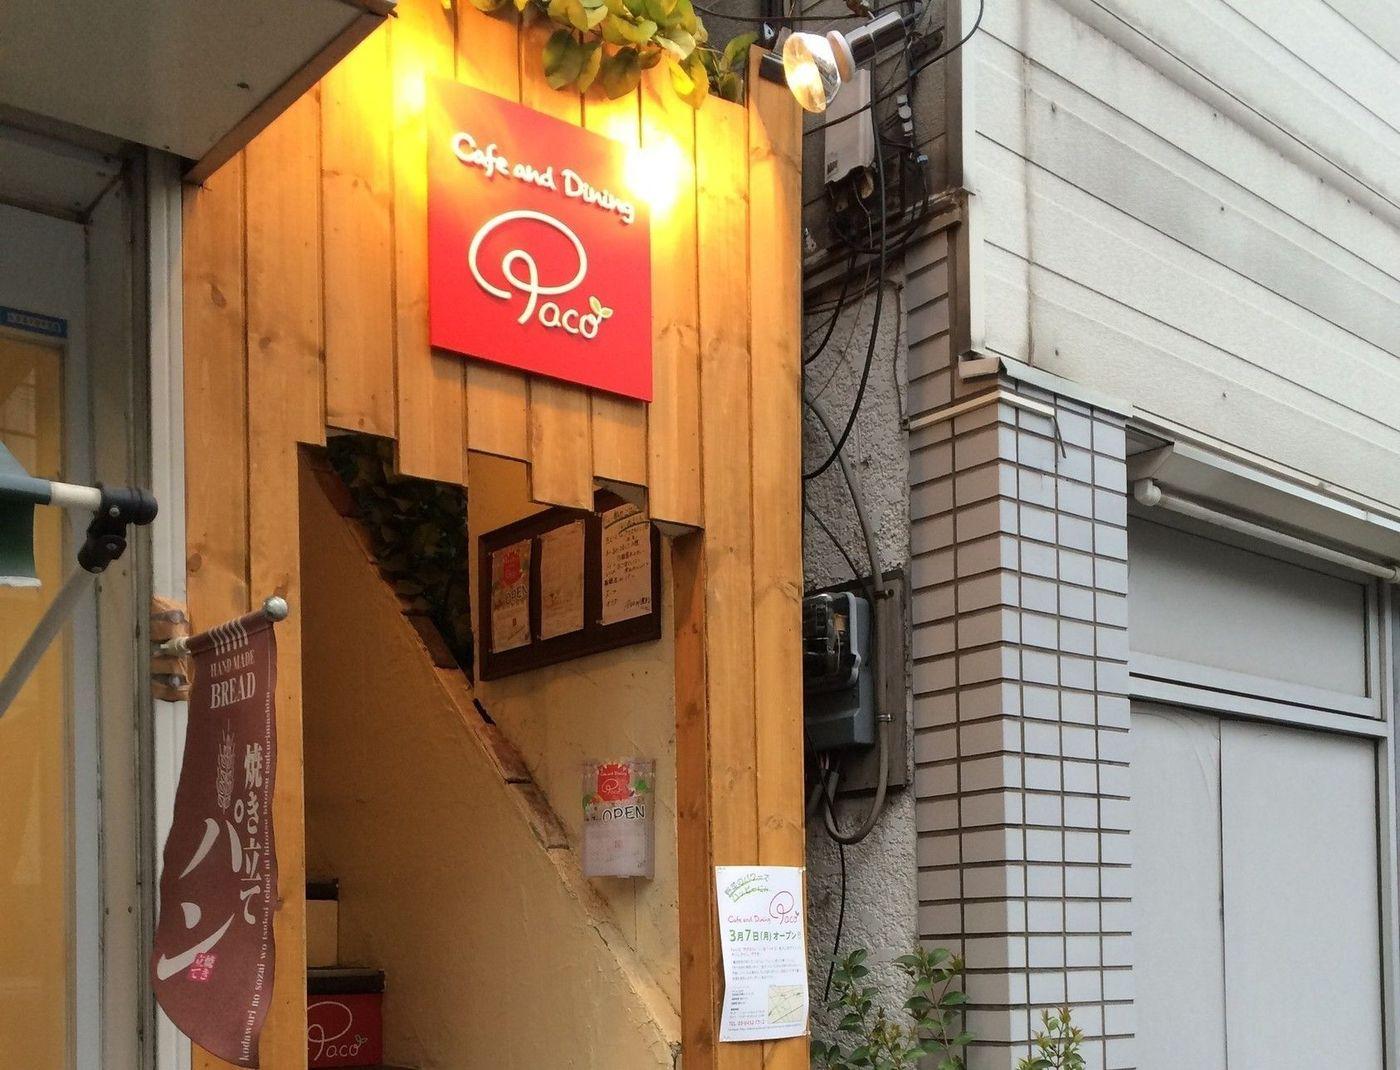 世田谷美術館周辺で優雅にランチ♡おすすめ店5選をご紹介!の画像